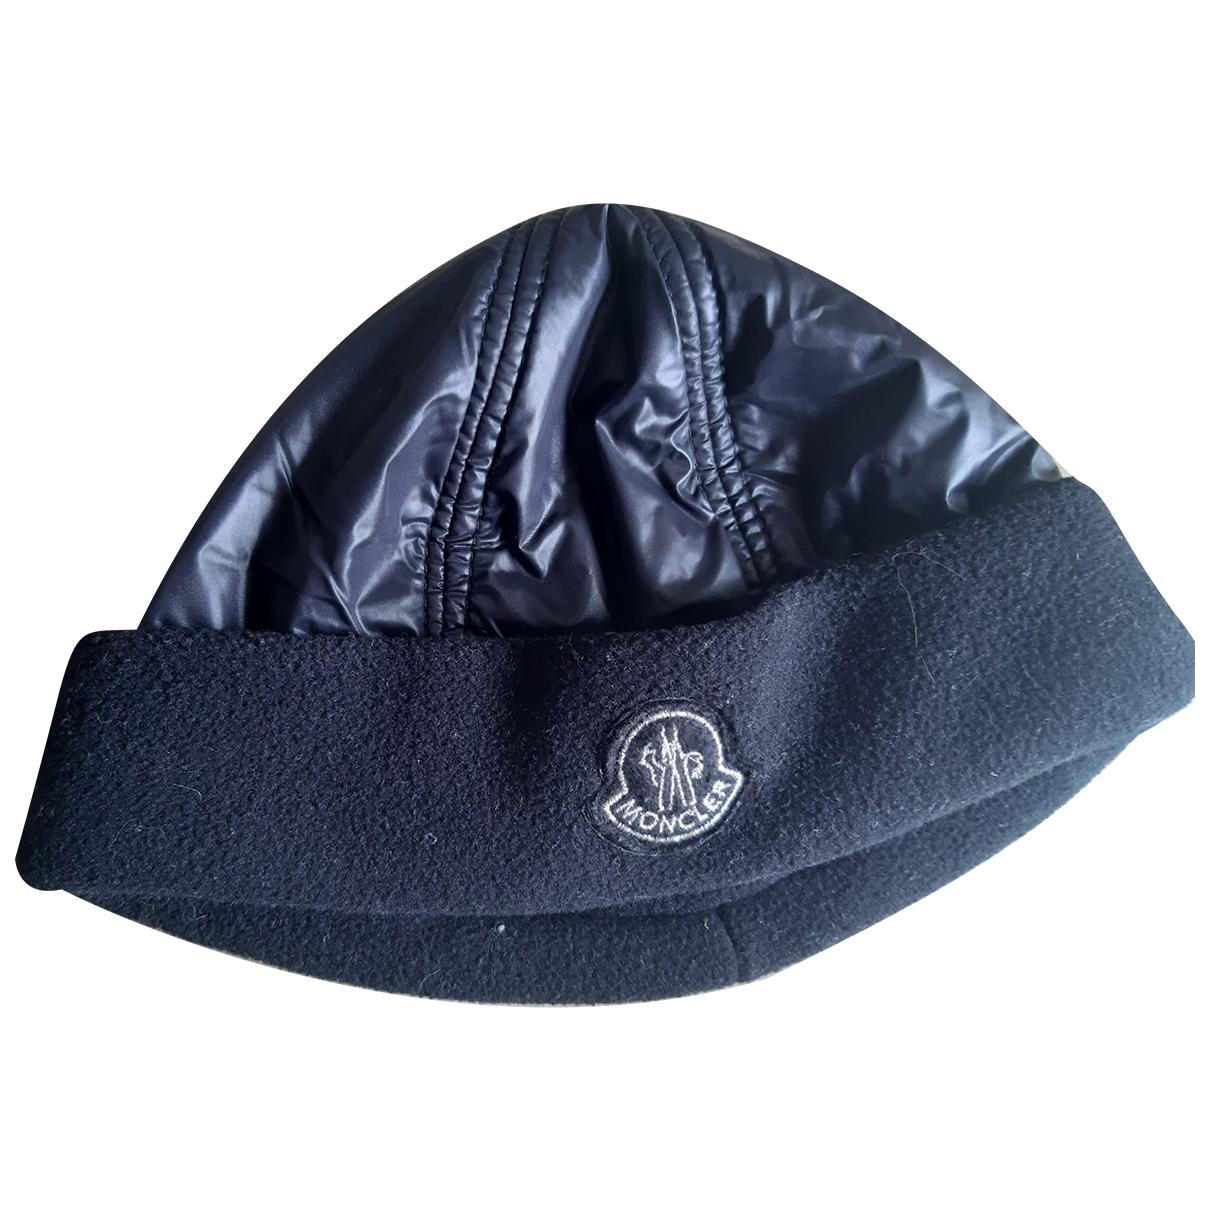 Moncler \N Black hat & Gloves for Kids \N